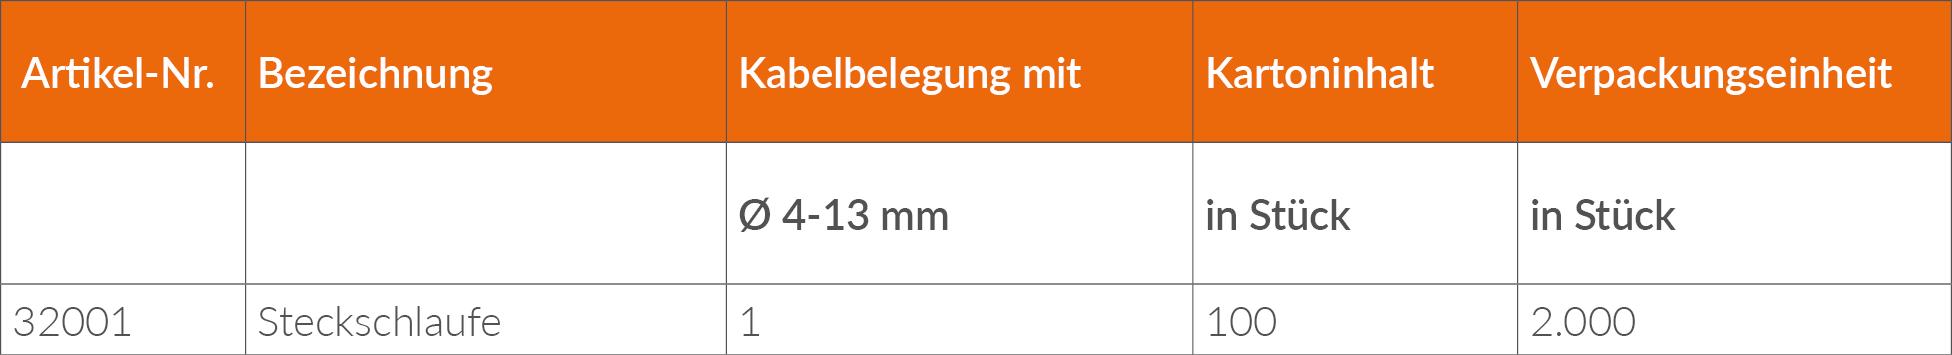 Schlaufbefestigung_Lieferprogramm